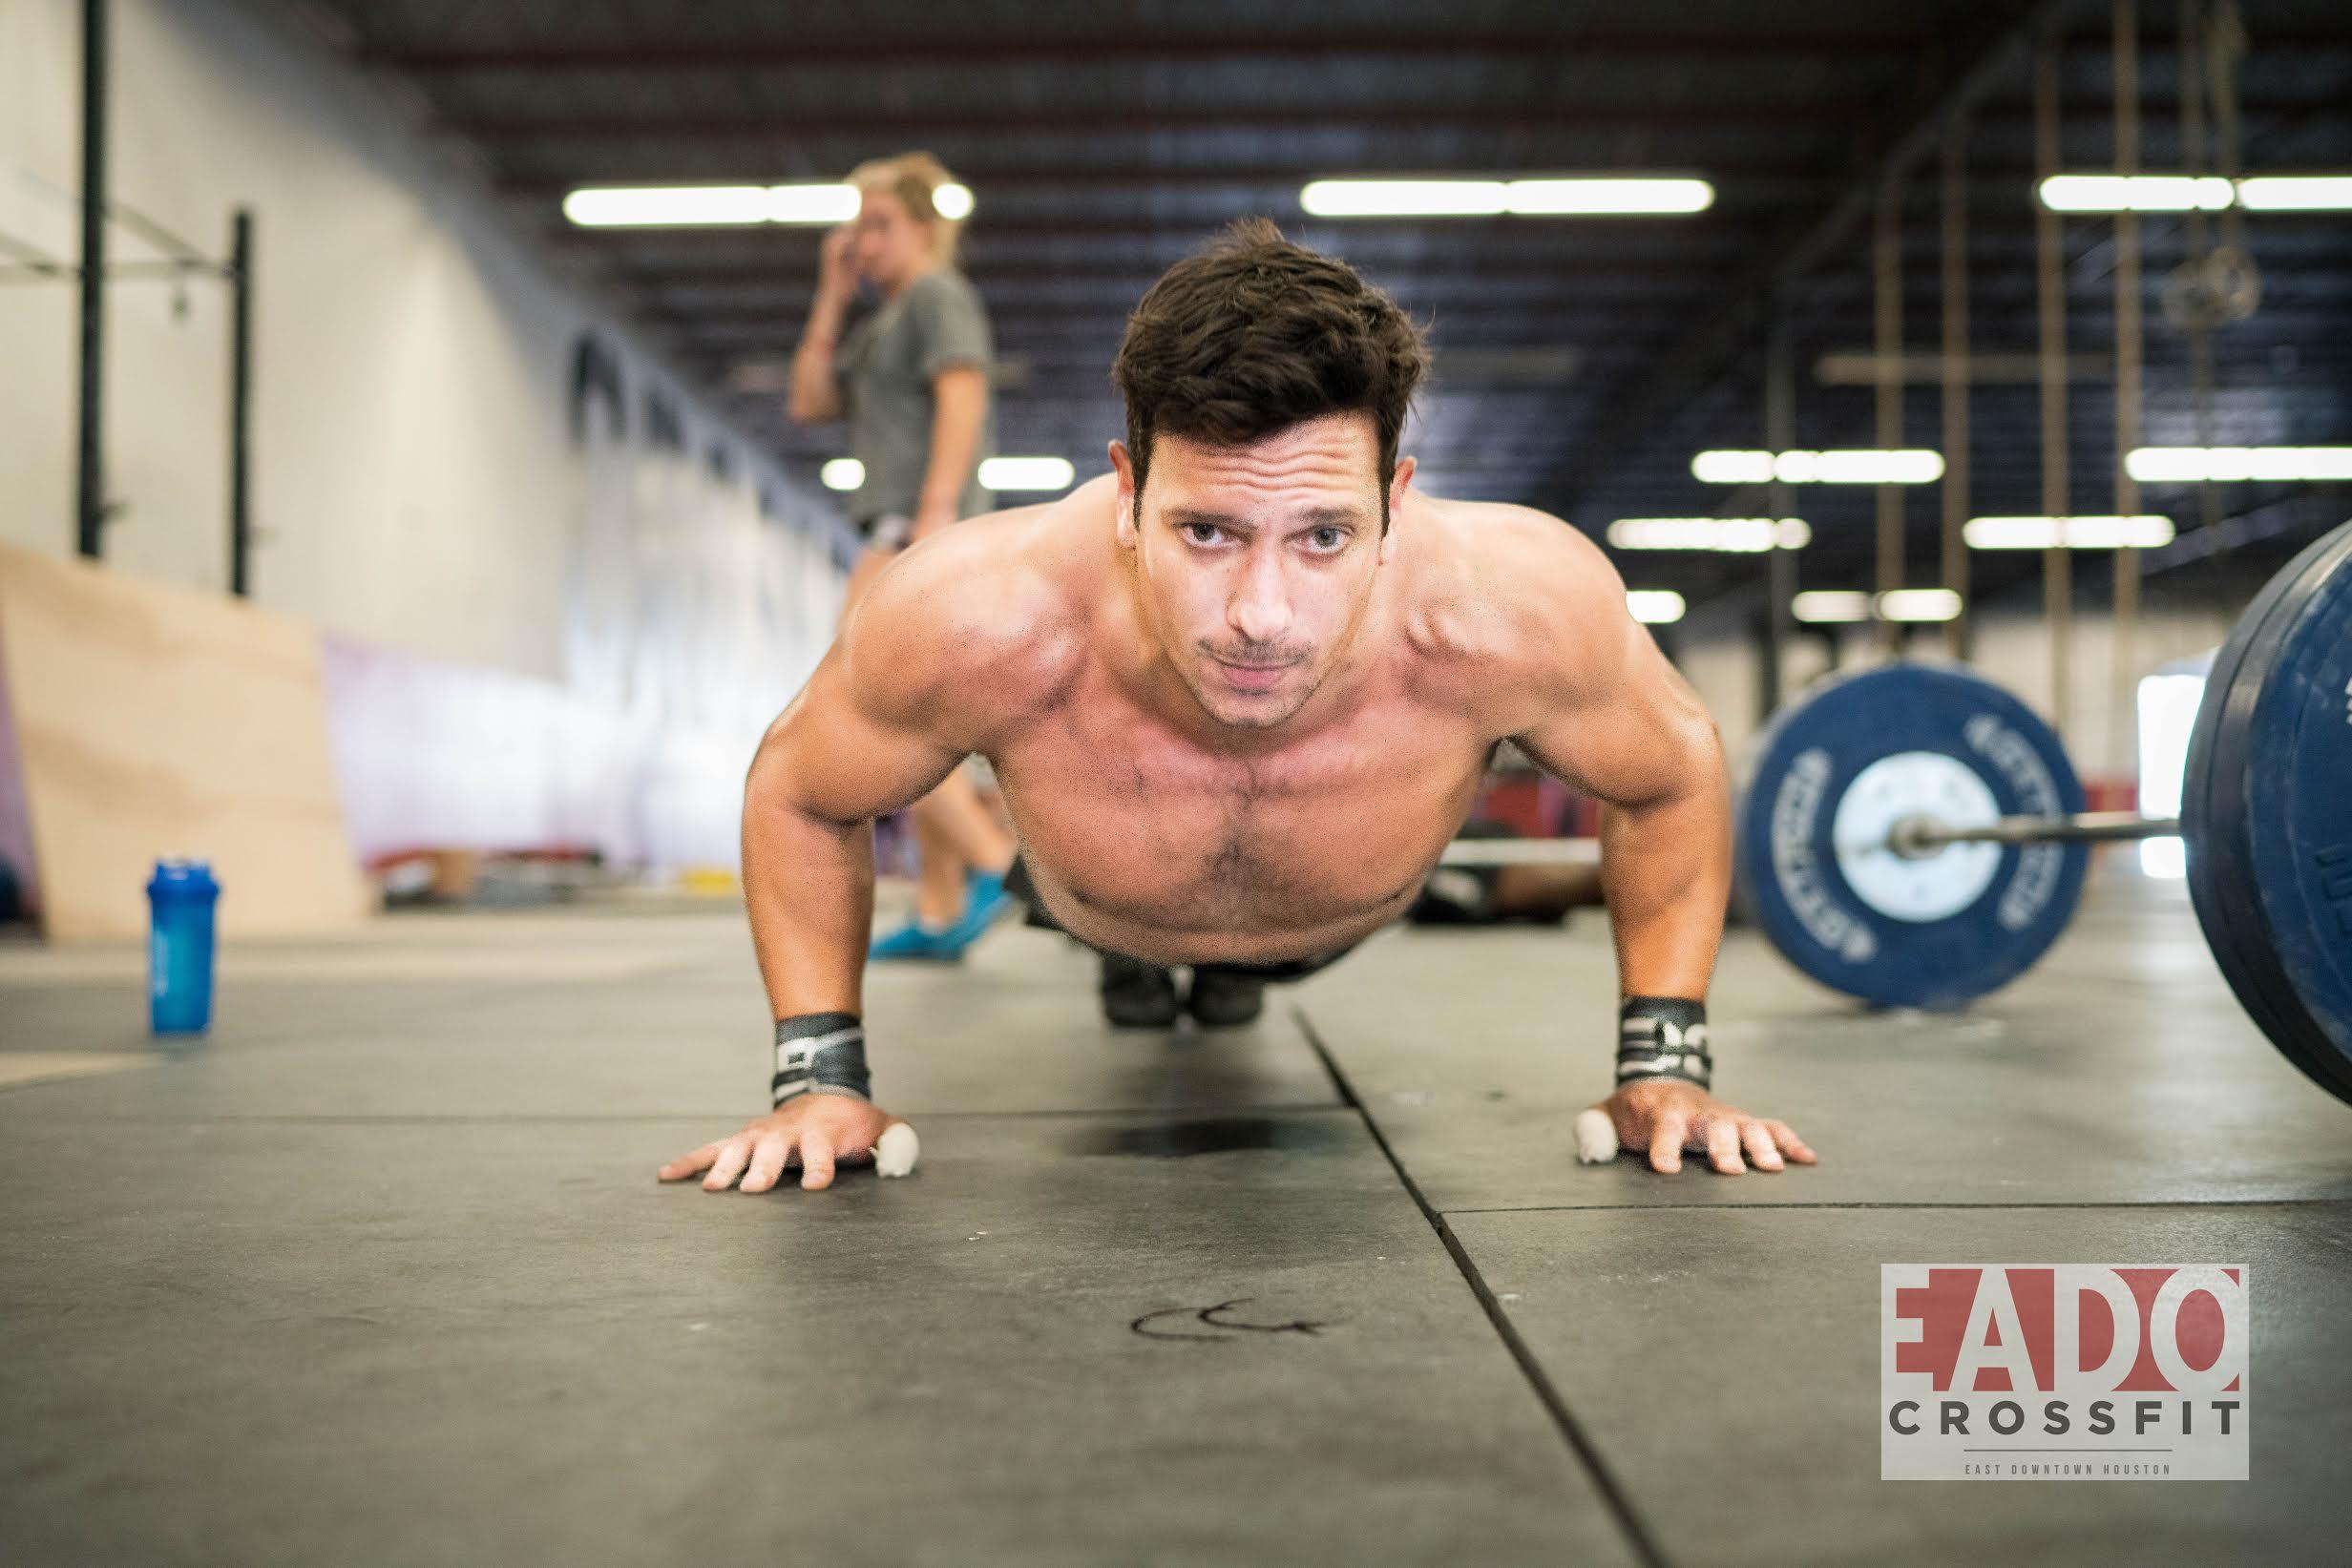 Eado Elite athlete  Photo Cred: Sierra Prime